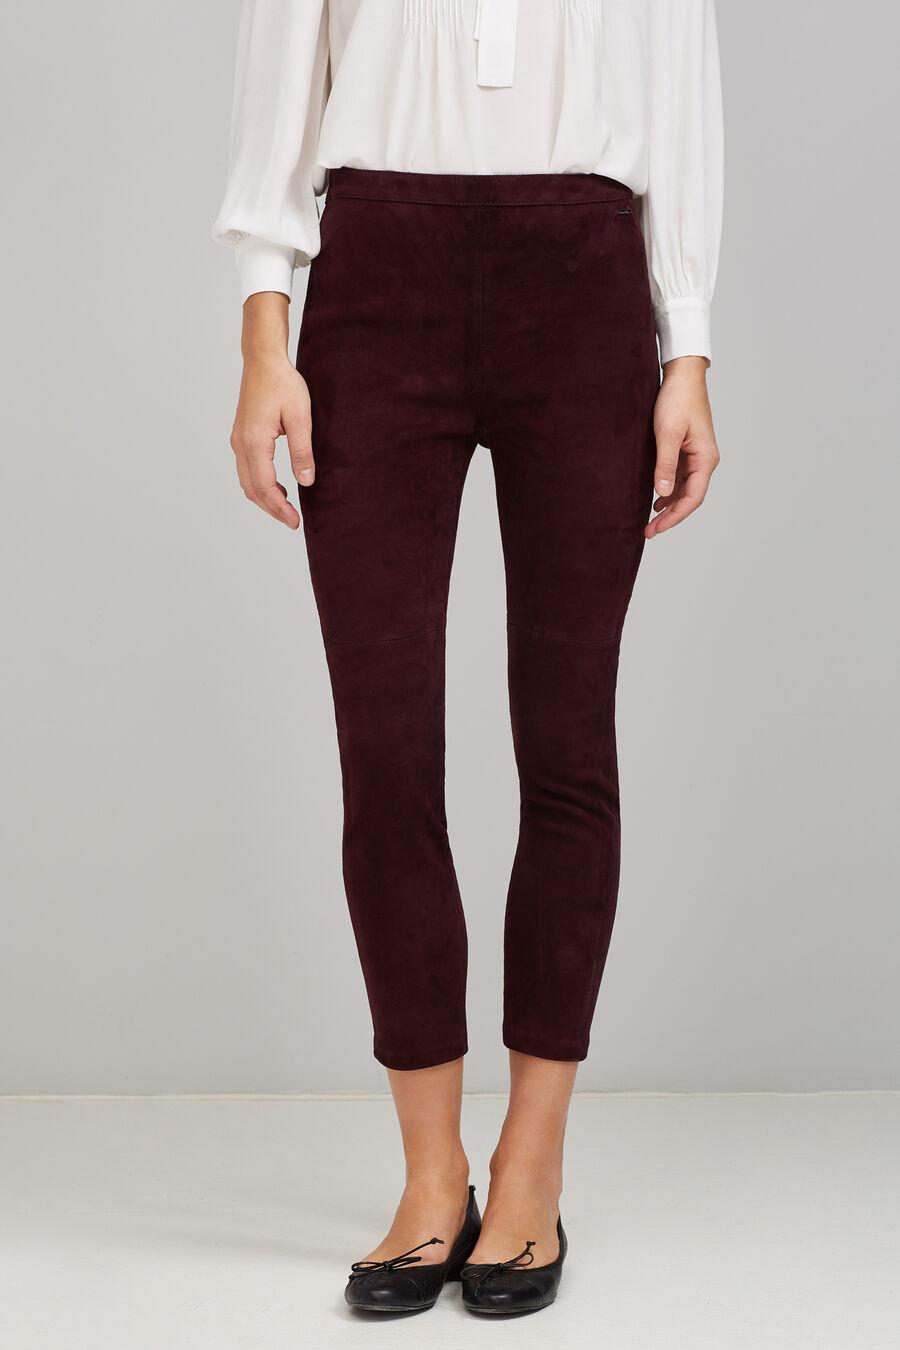 Velvet legging trousers